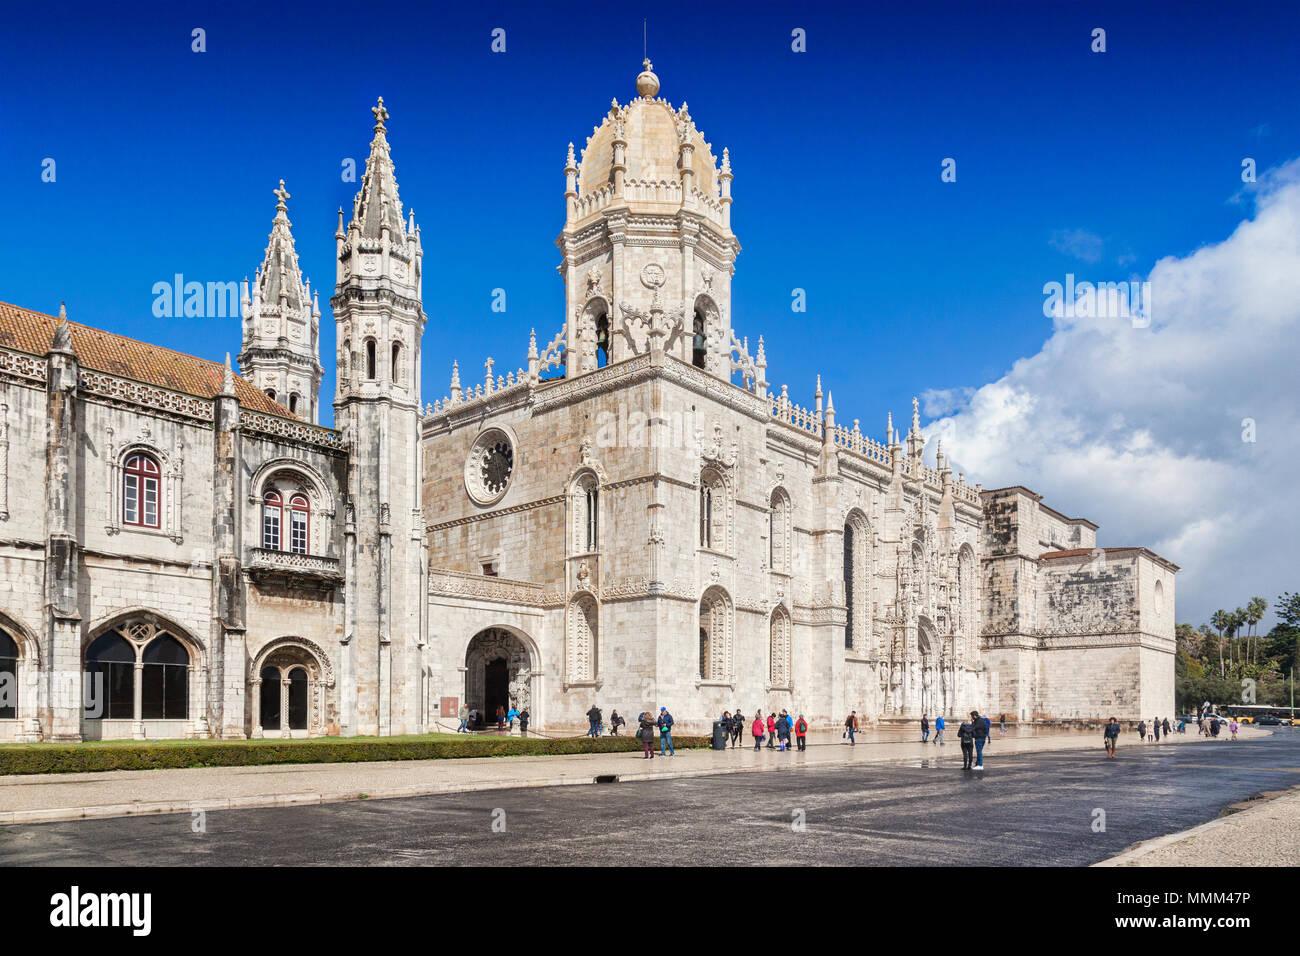 5 Marzo 2018: Lisbona, Portogallo - turisti godendo di inizio primavera sole al Monastero di Jeronimos, Belem. Immagini Stock